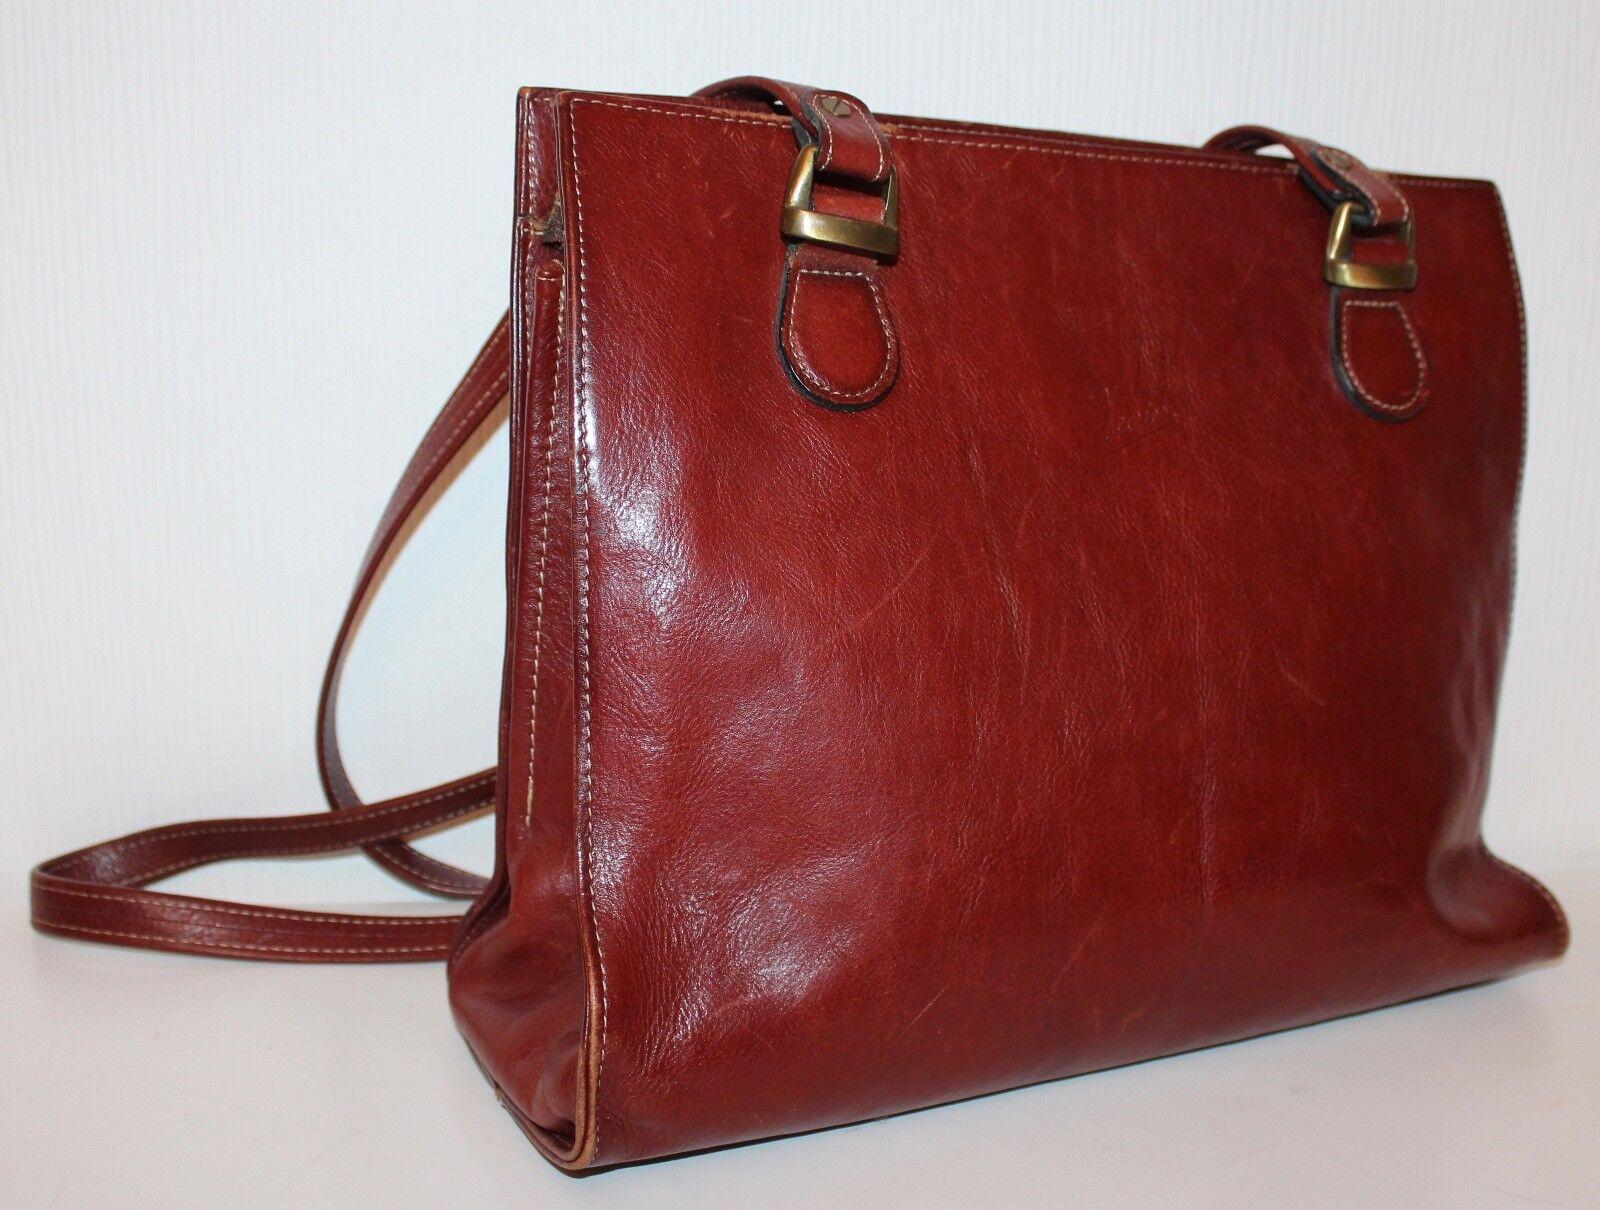 TEXIER 70er 70er 70er Vintage Leder Tasche 70s VTG Leather BAG COGNAC Schultertasche TOTE | Zuverlässiger Ruf  | Rabatt  | Haltbarer Service  | Eine Große Vielfalt An Modelle 2019 Neue  fc0845